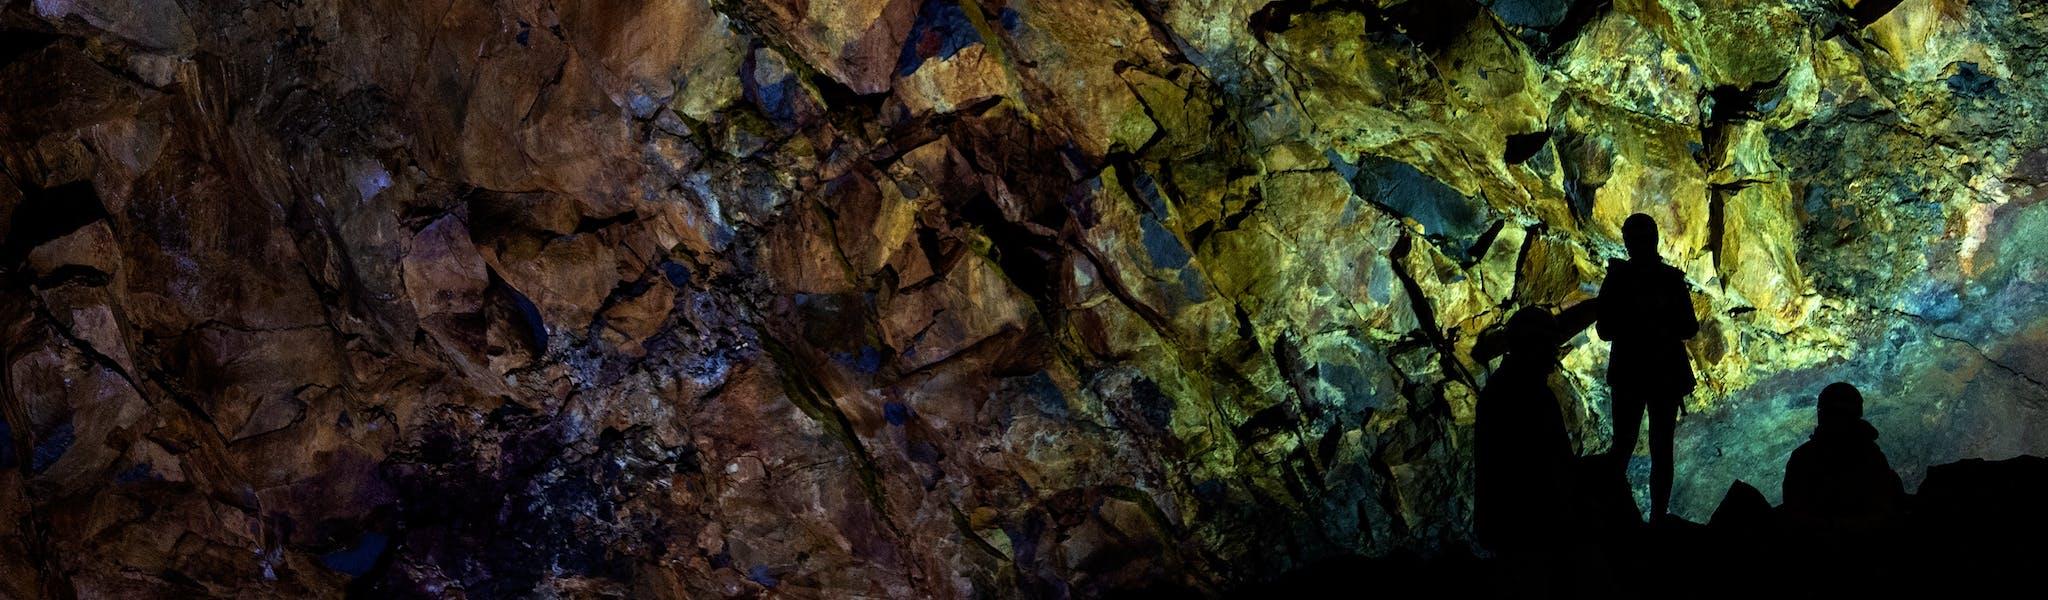 De grotten van Postonja (Unsplash)